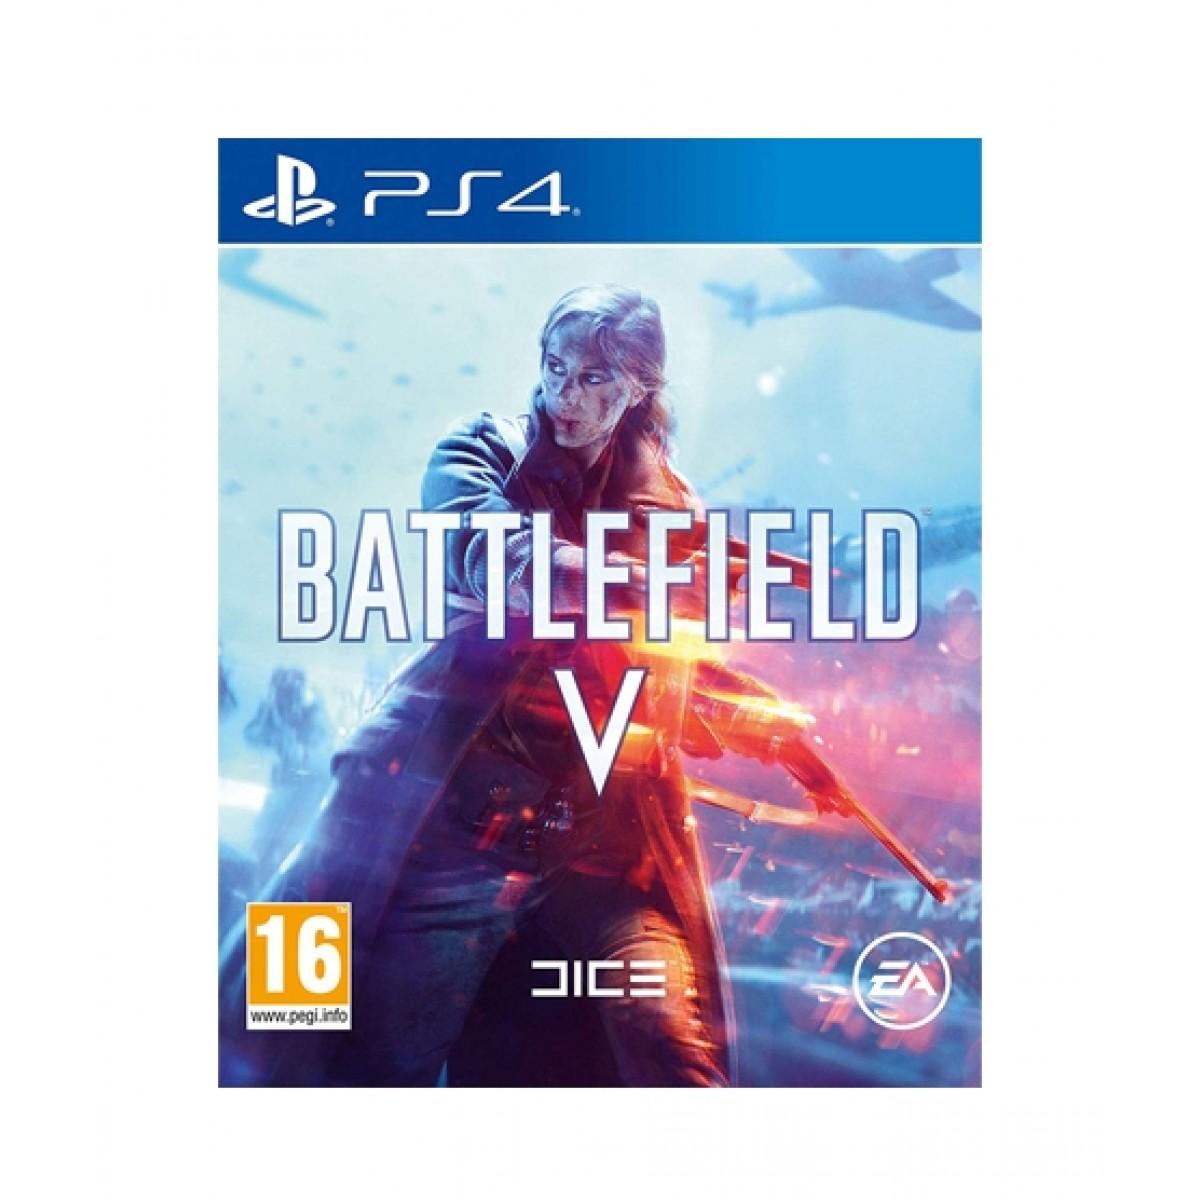 Battlefield V Game For PS4